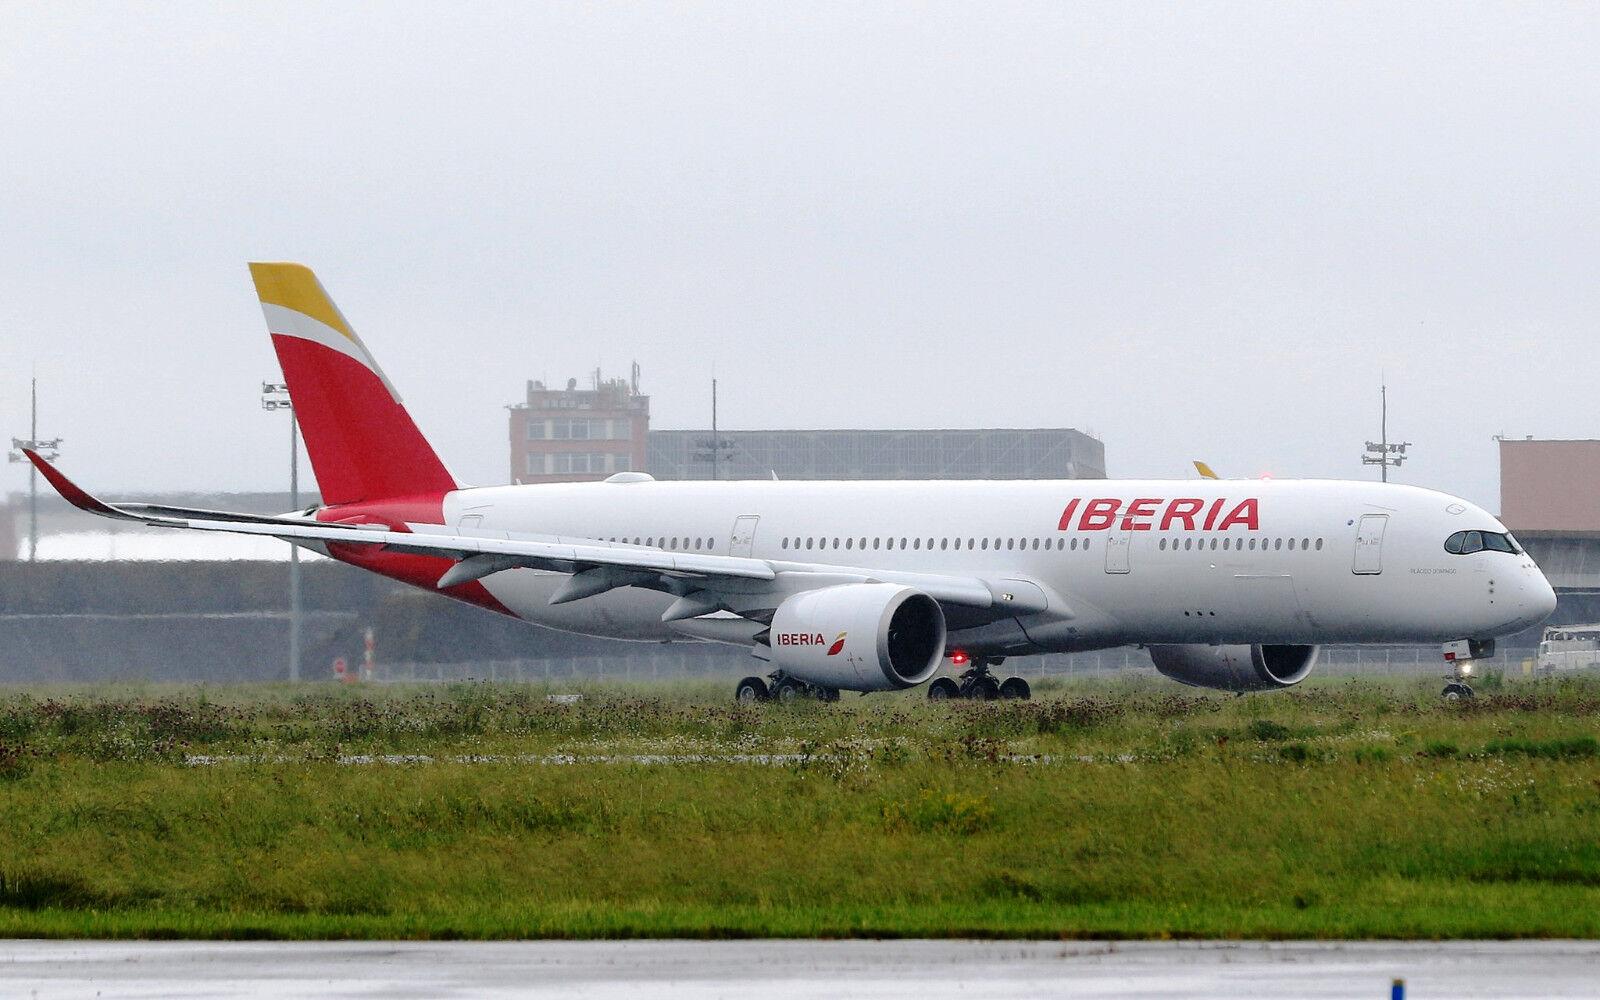 Jc Ailes Jc2035 1 200 Iberia Airbus A350-900xwb Ec-Mxv avec Pied